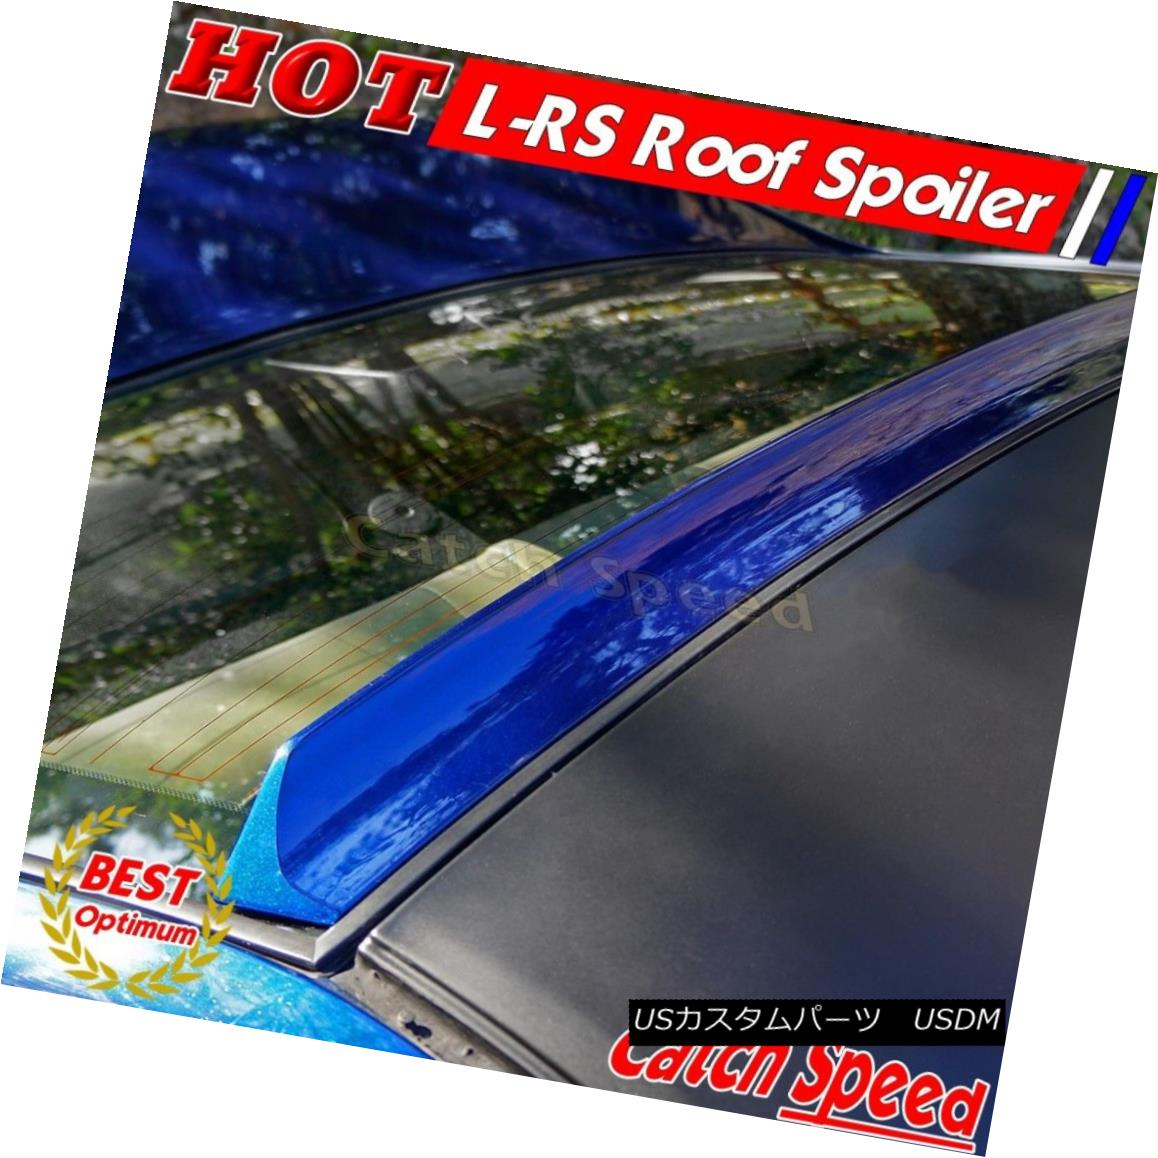 エアロパーツ Flat Black LRS Type Rear Roof Spoiler Wing For Cadillac CTS-V Sedan 2004-2007 ? キャデラックCTS-Vセダン2004-2007のフラットブラックLRSタイプリアルーフスポイラーウィング?